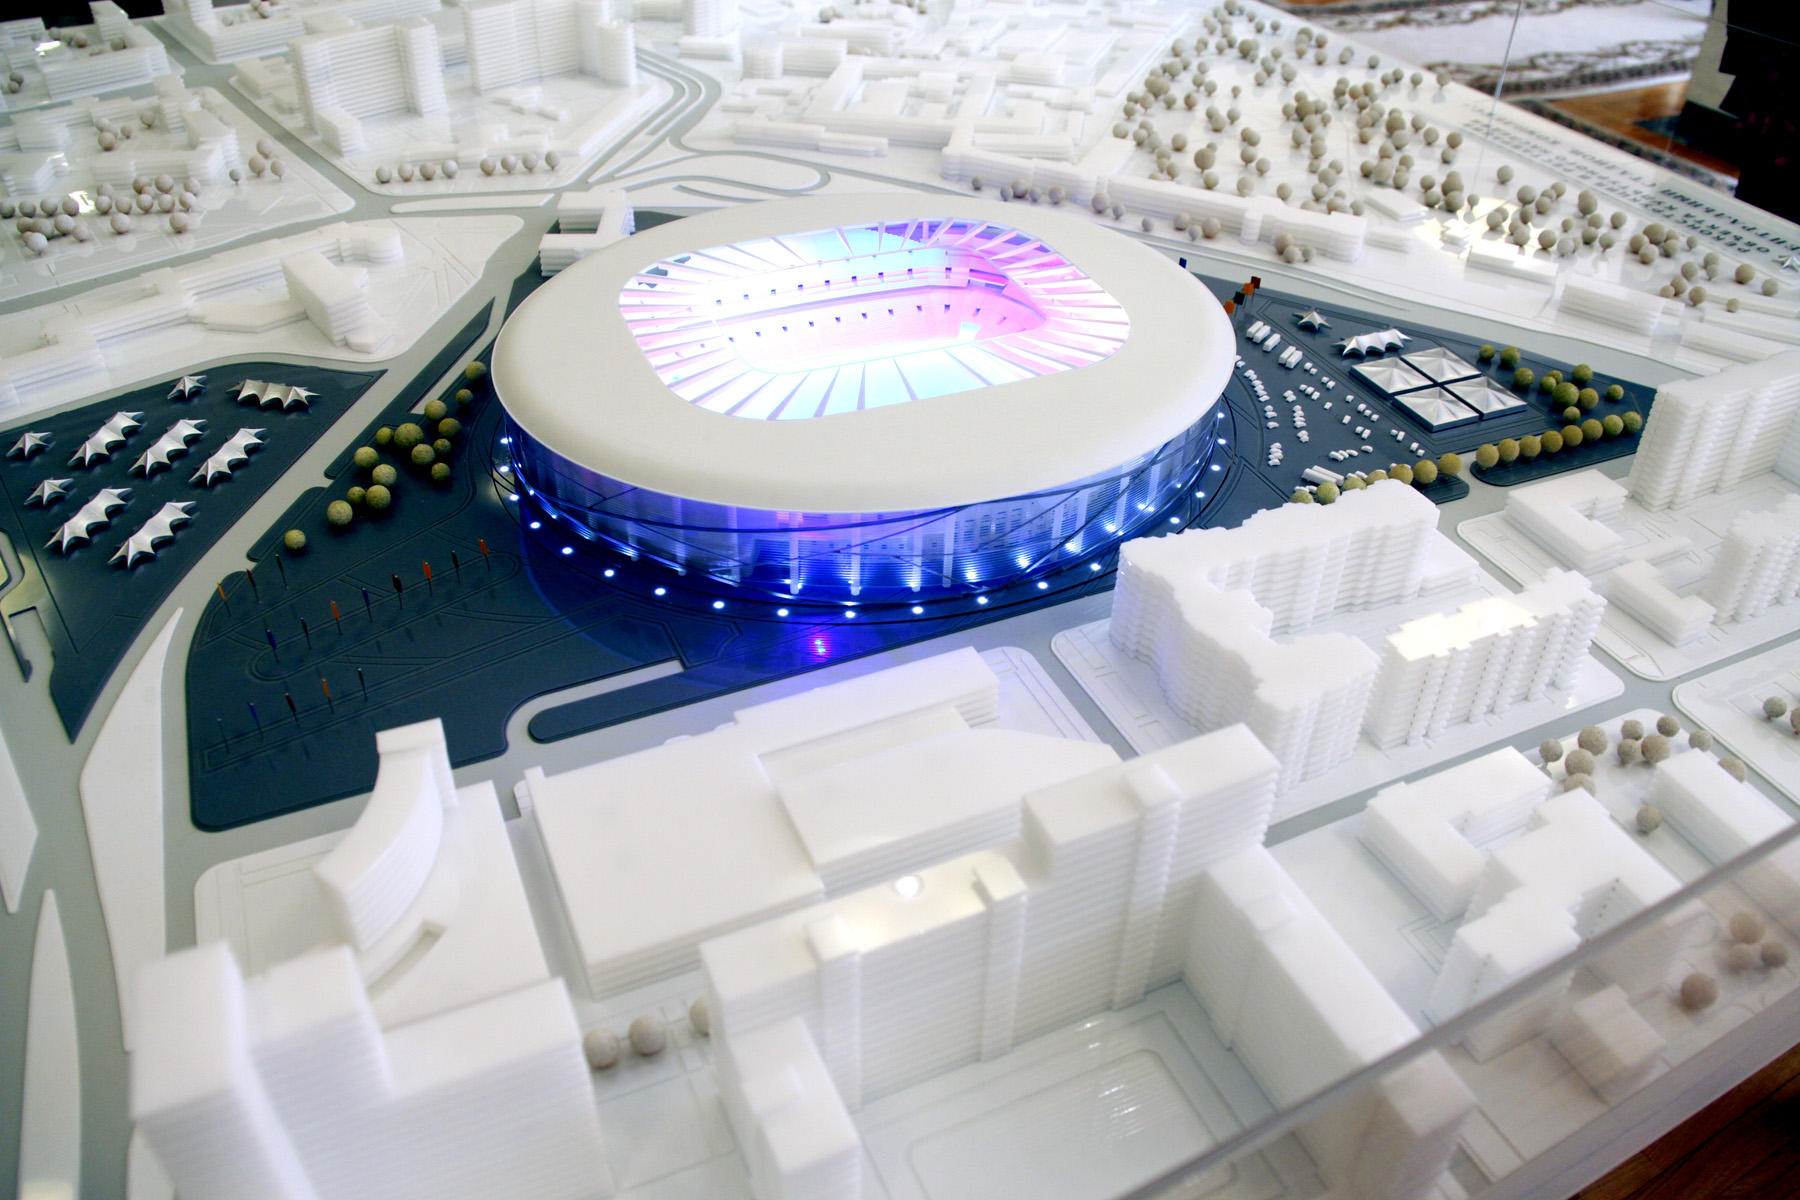 ФИФА: «Мы не собираемся отнимать у Екатеринбурга ЧМ-2018»